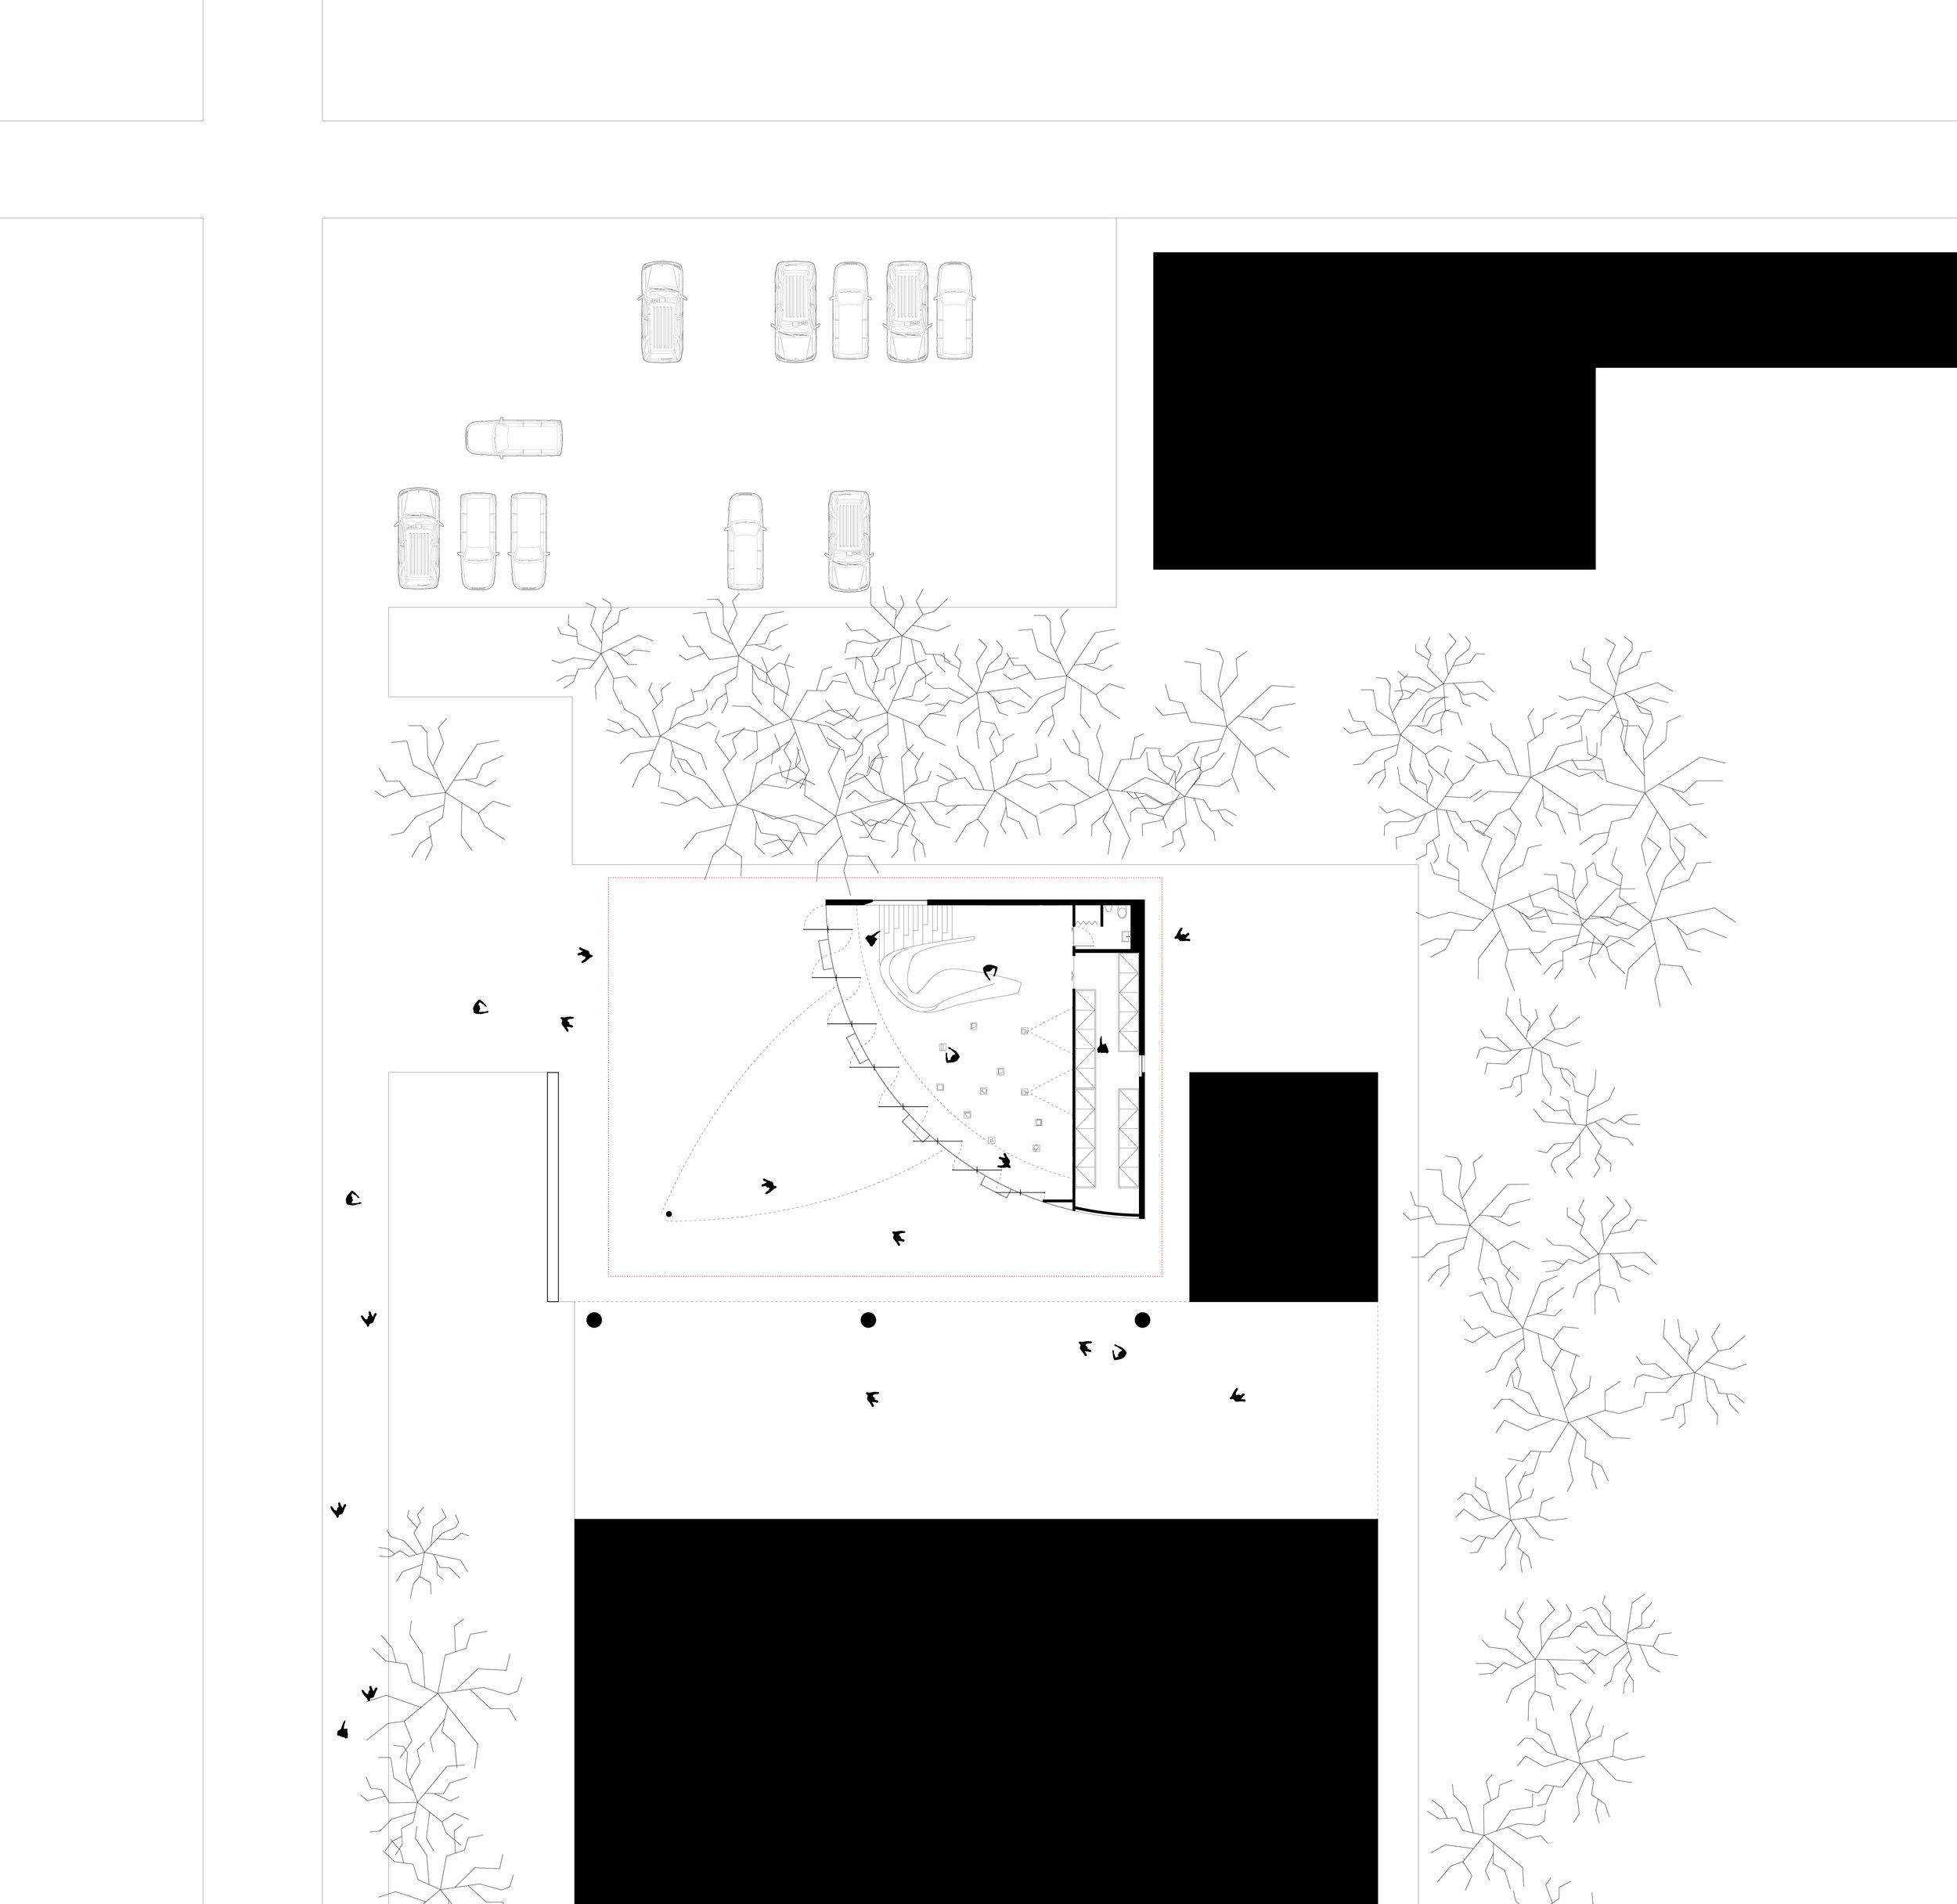 170628 drawings-07.jpg